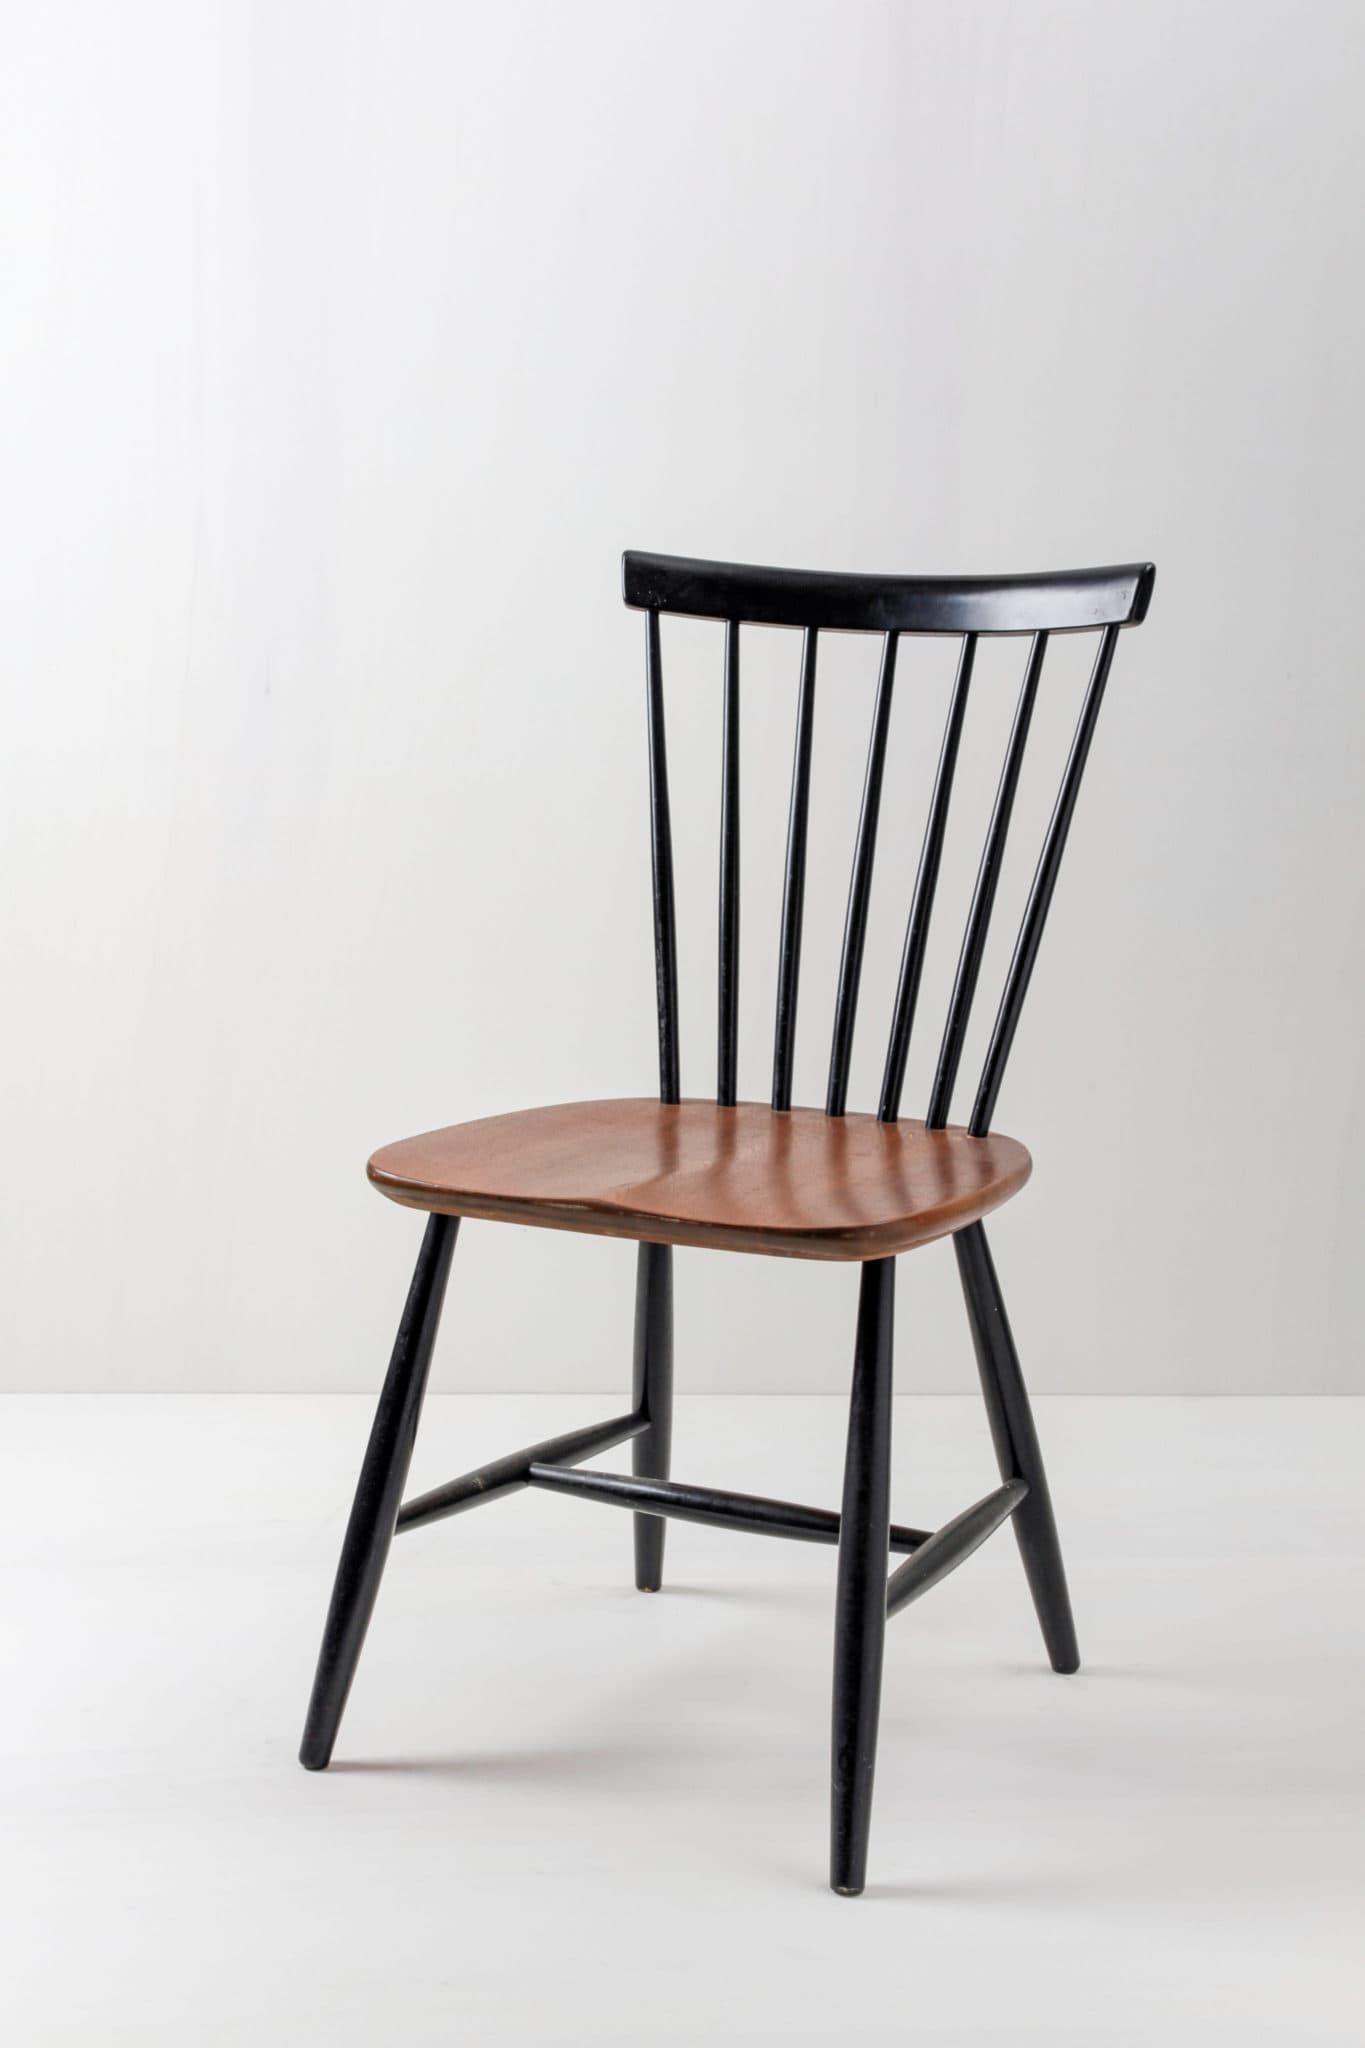 Sprossenstuhl Albert Gotvintage Rental Event Design 50er Jahre Mobel Holzstuhle Stuhle